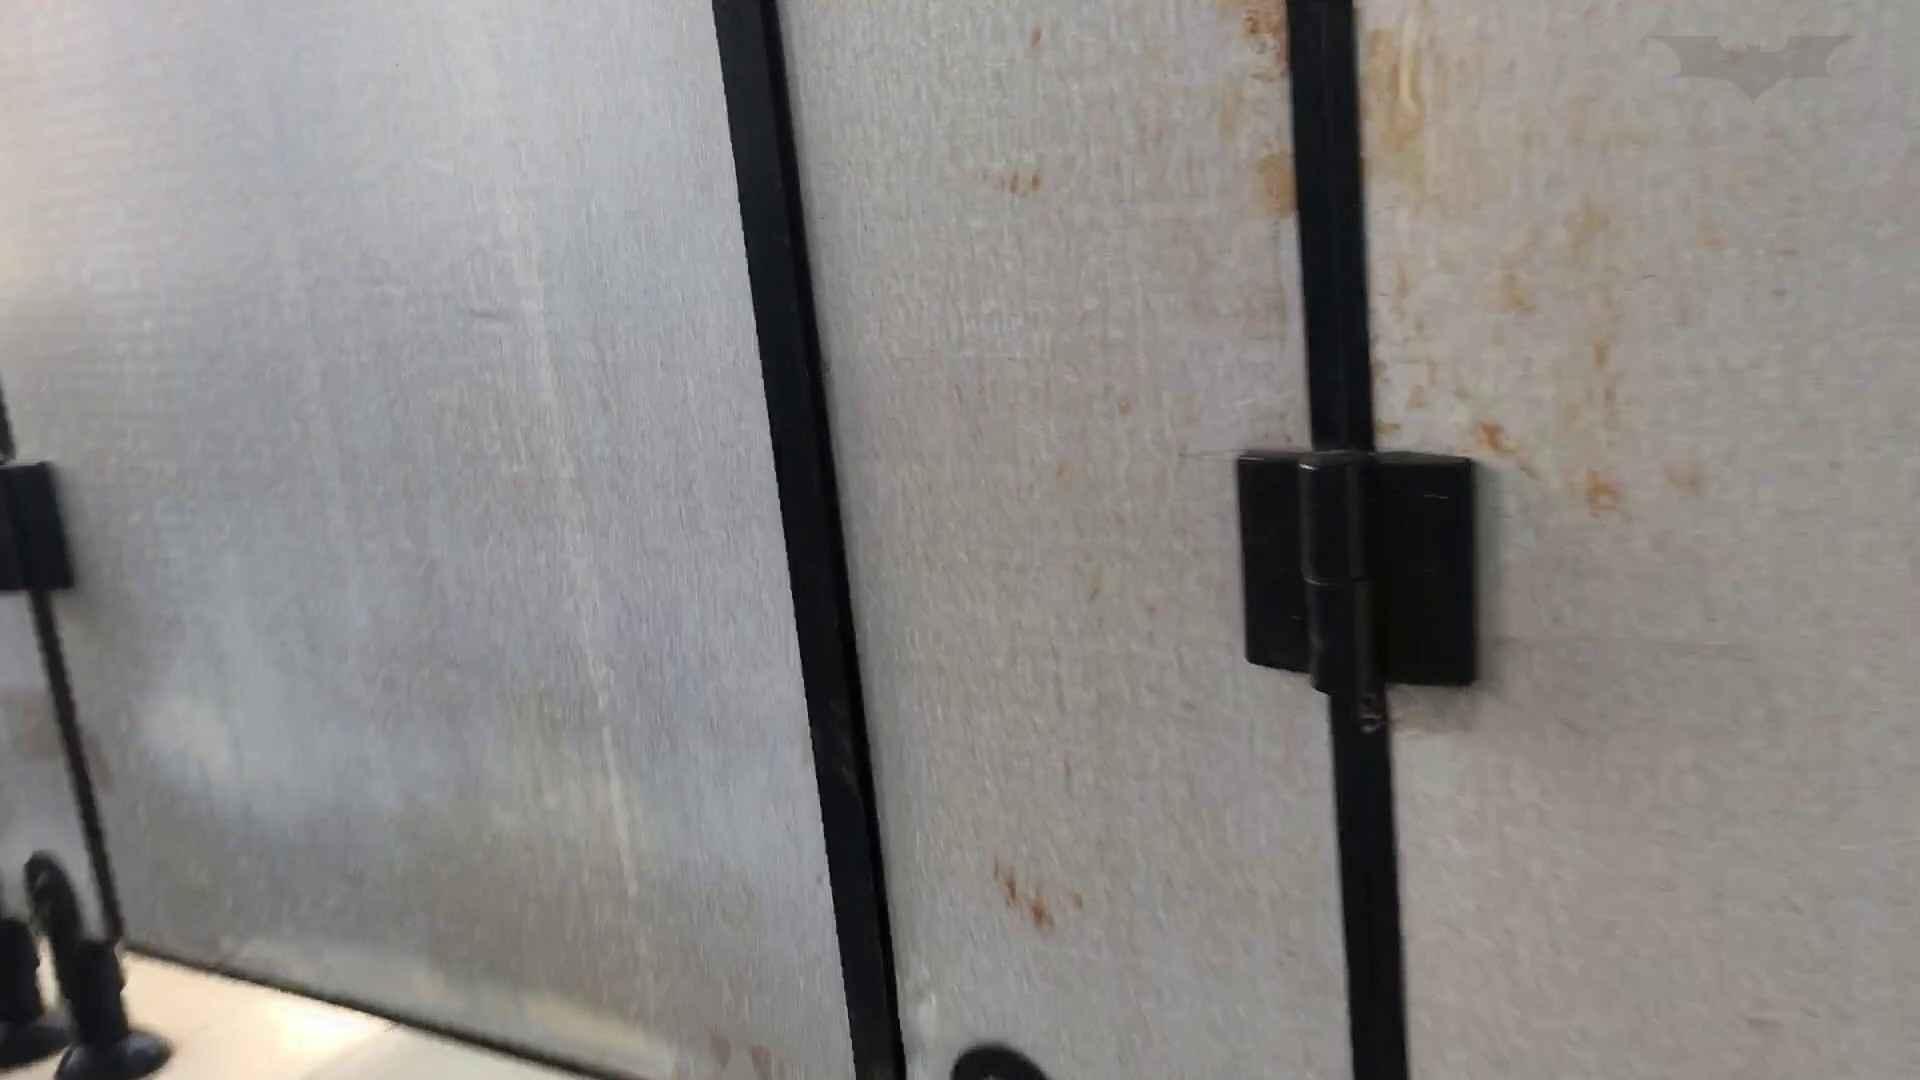 芸術大学ガチ潜入盗撮 JD盗撮 美女の洗面所の秘密 Vol.91 ギャル達 AV無料動画キャプチャ 85枚 46